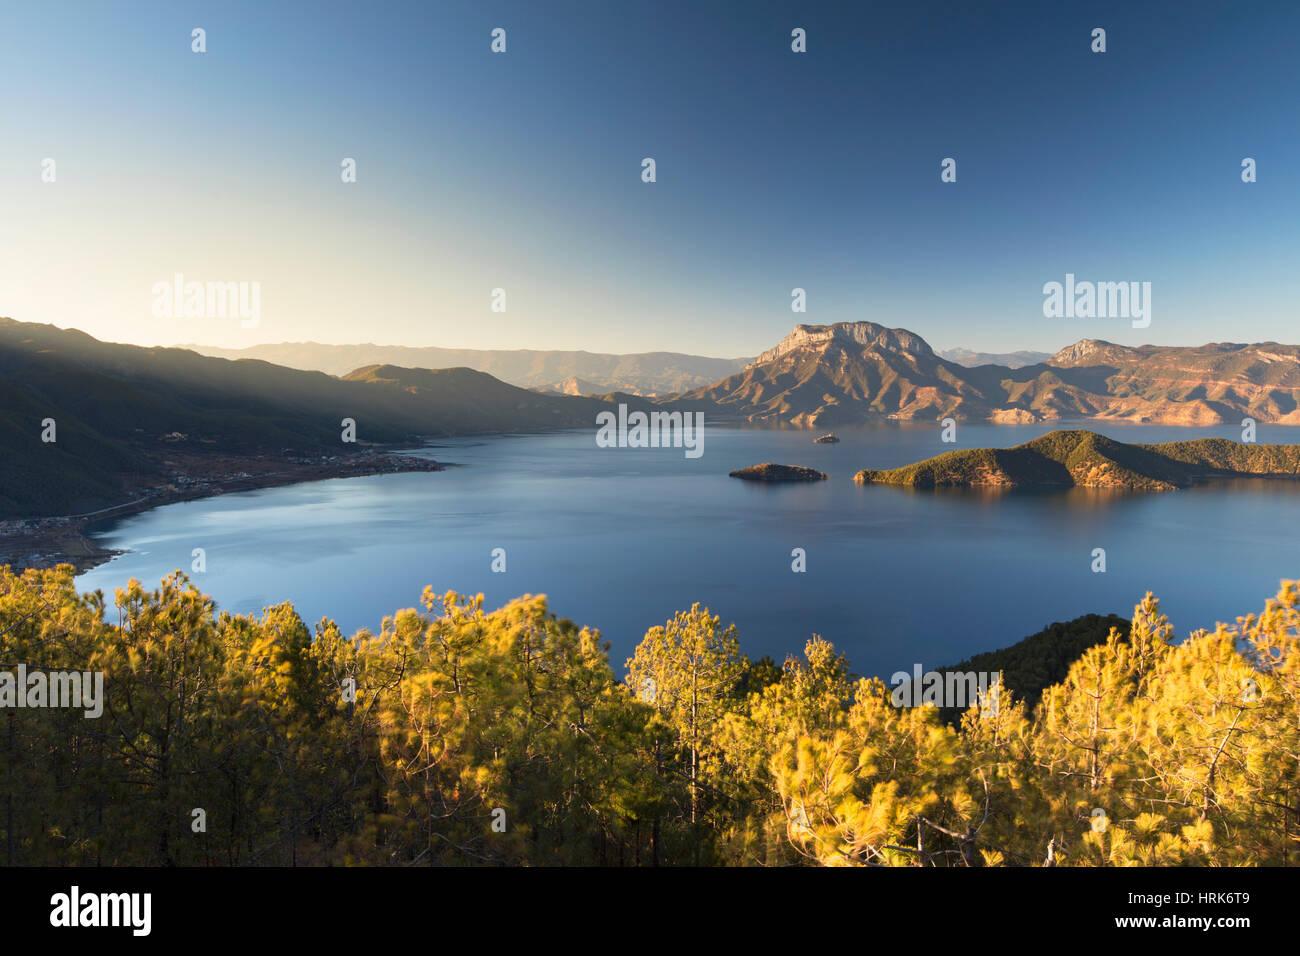 View of Lugu Lake, Yunnan, China - Stock Image